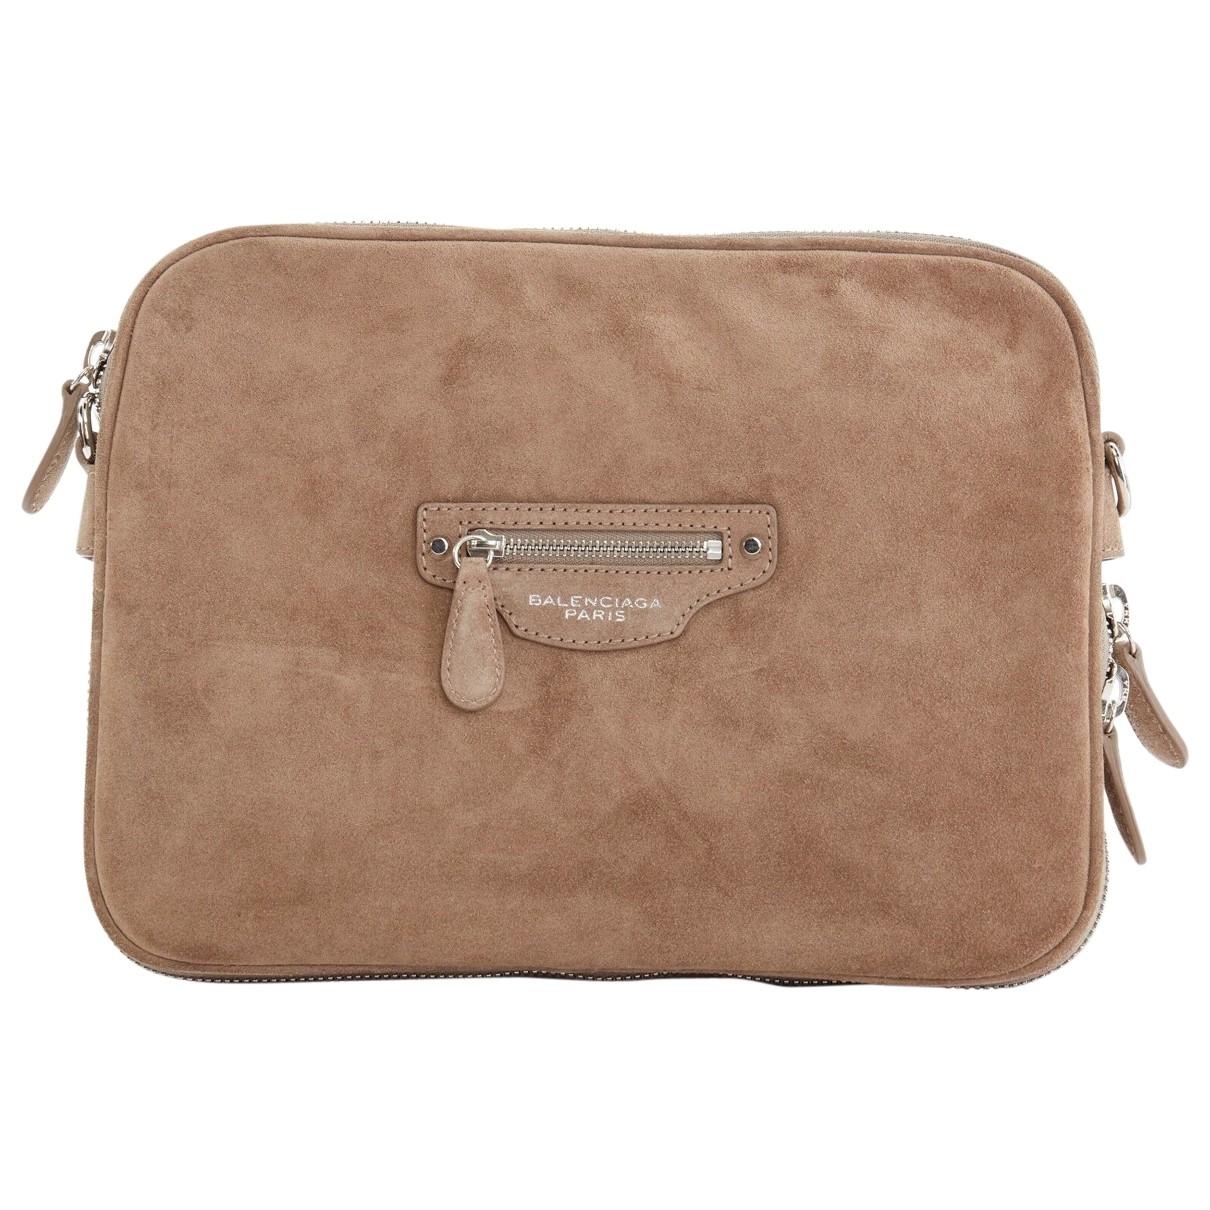 Balenciaga - Accessoires   pour lifestyle en suede - marron